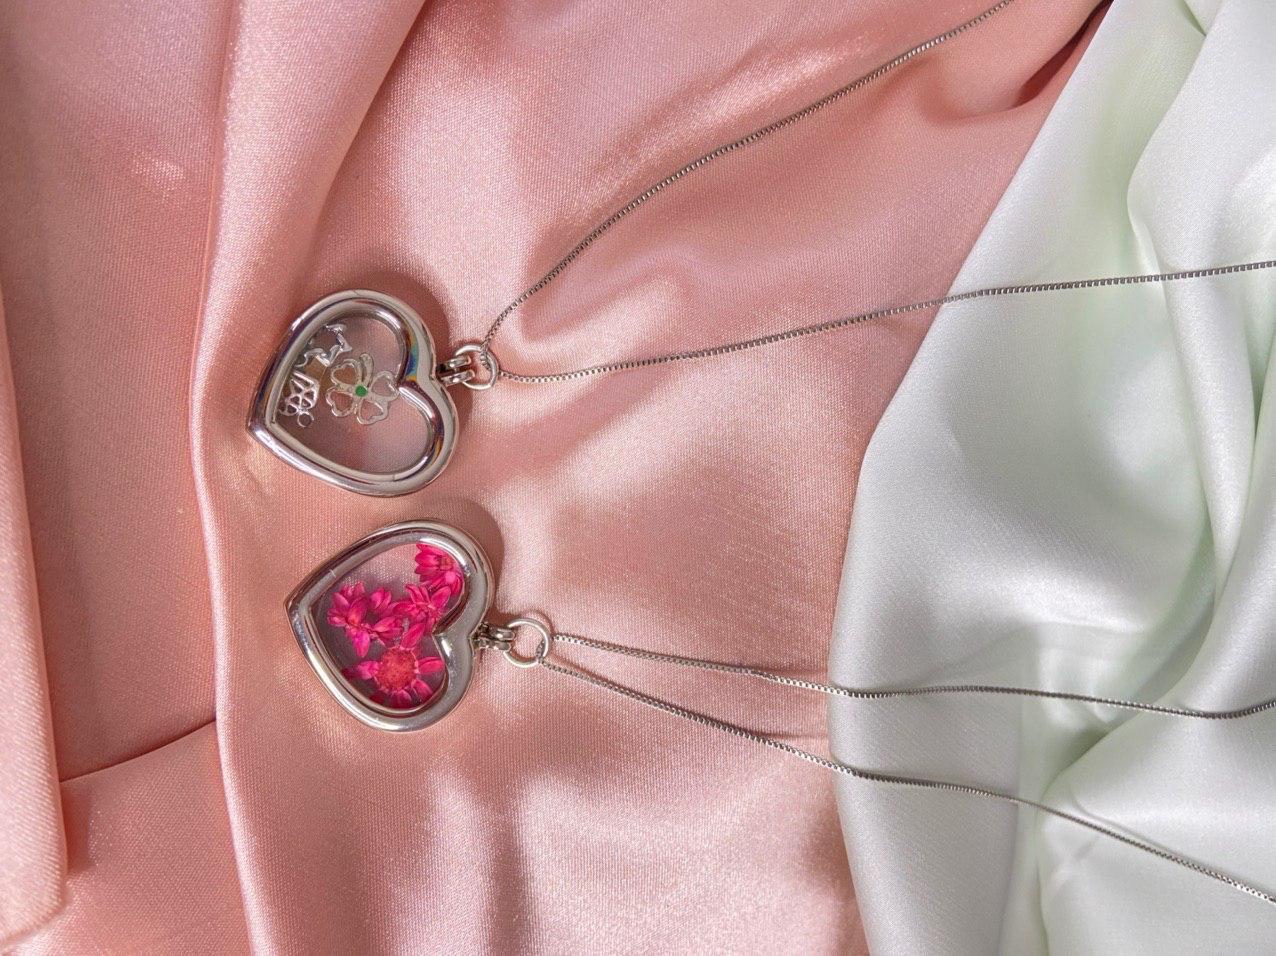 Pingente de cápsula de coração com flores rosa